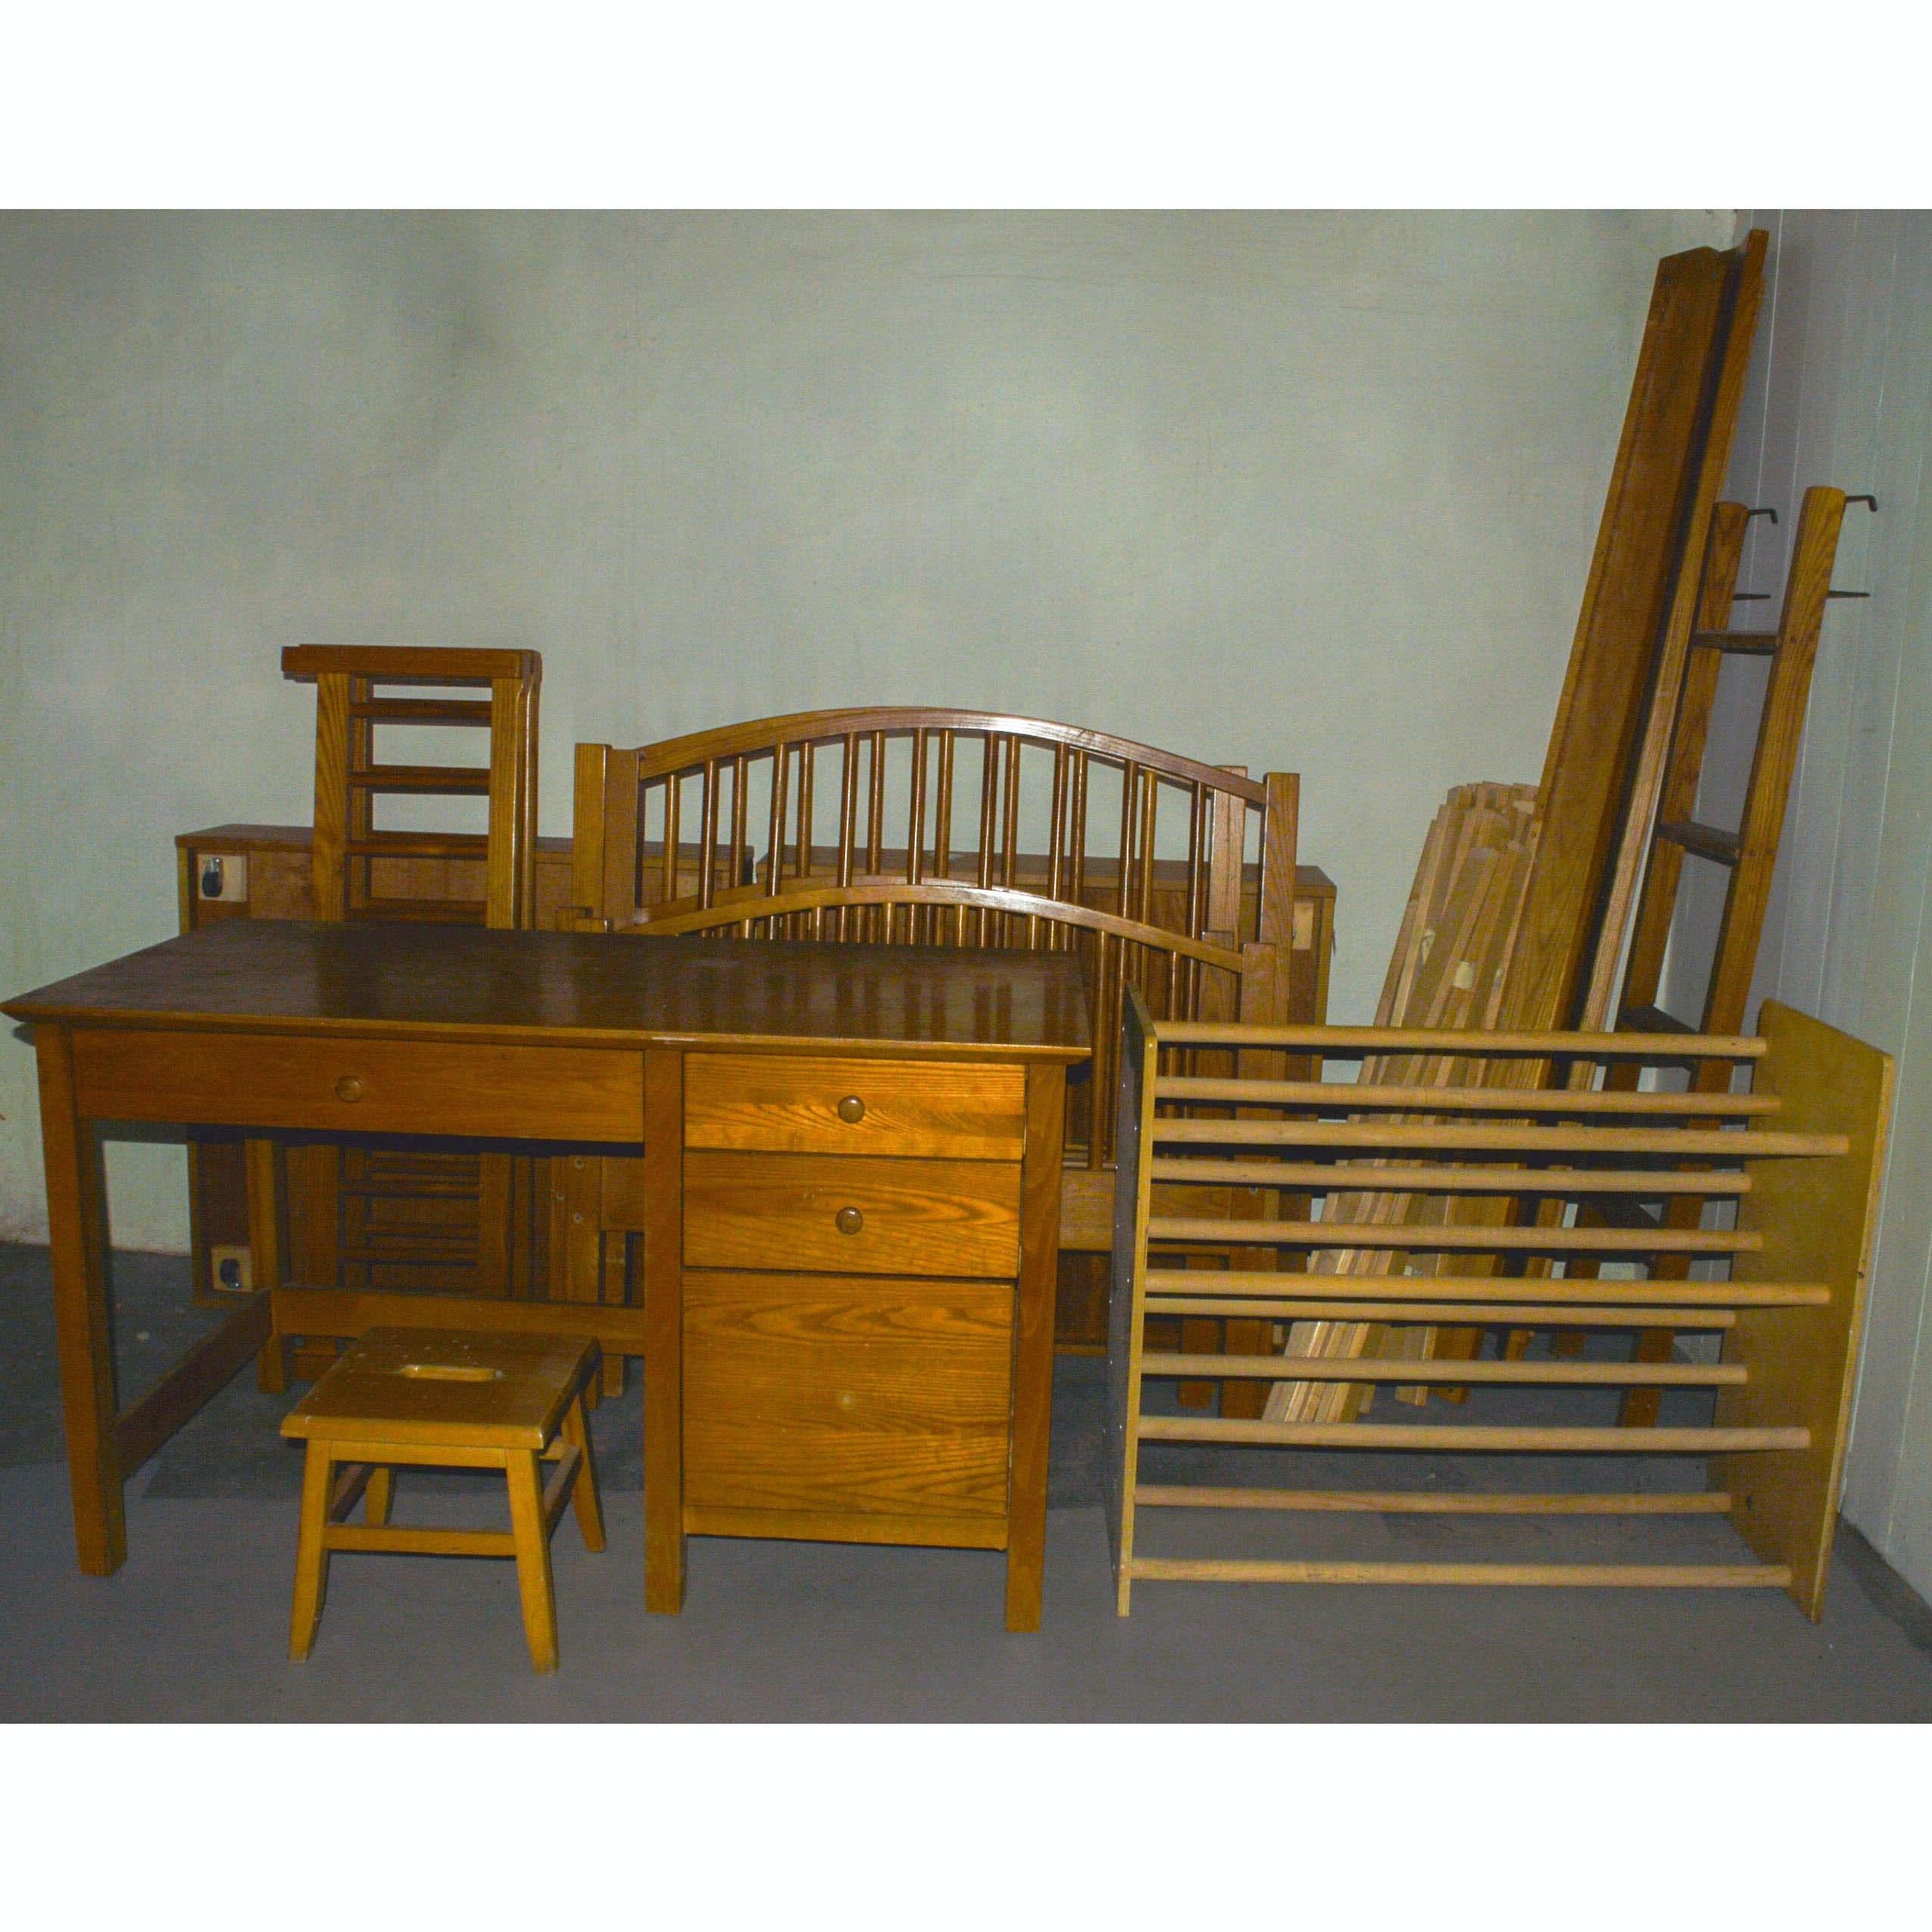 bunk bed sets with desk. desk bunk bed and futon. dorm room merlot